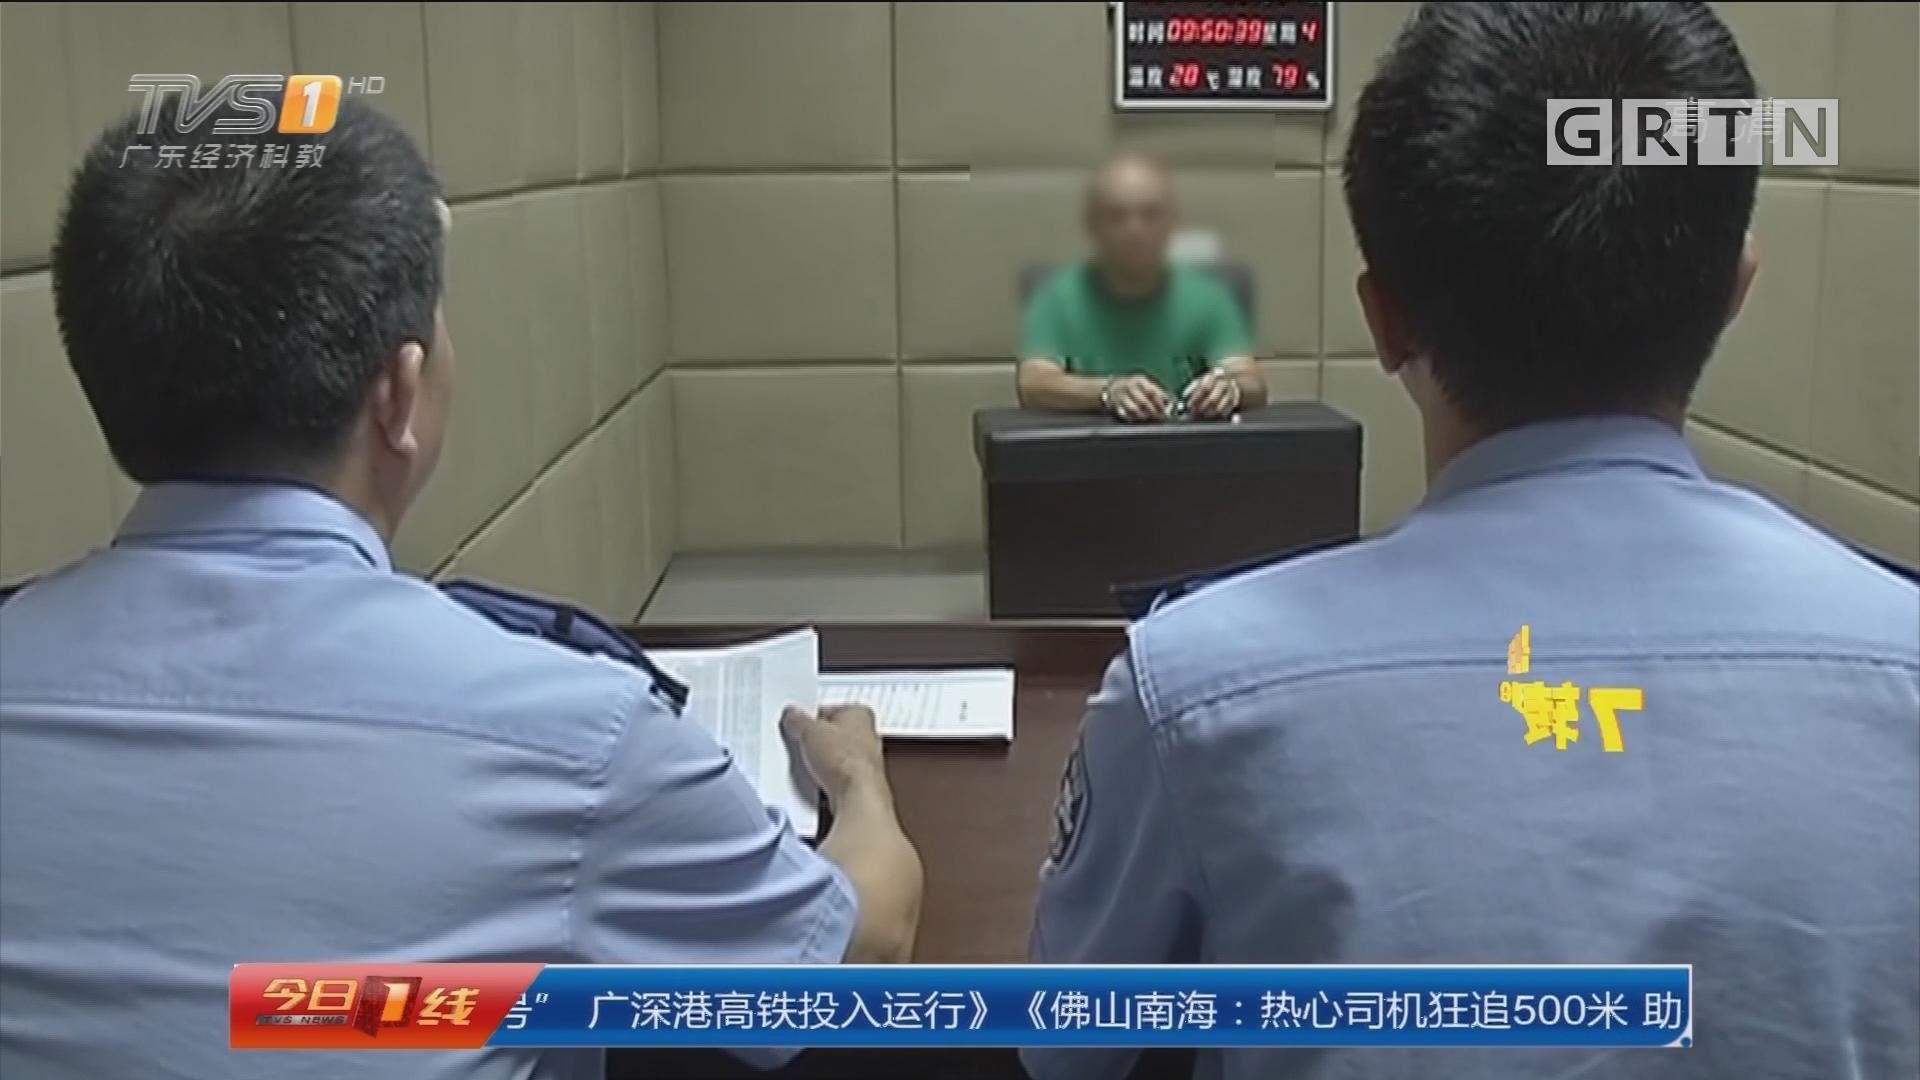 """汕头金平区:一人饰几角 网络""""婚骗""""现形记"""